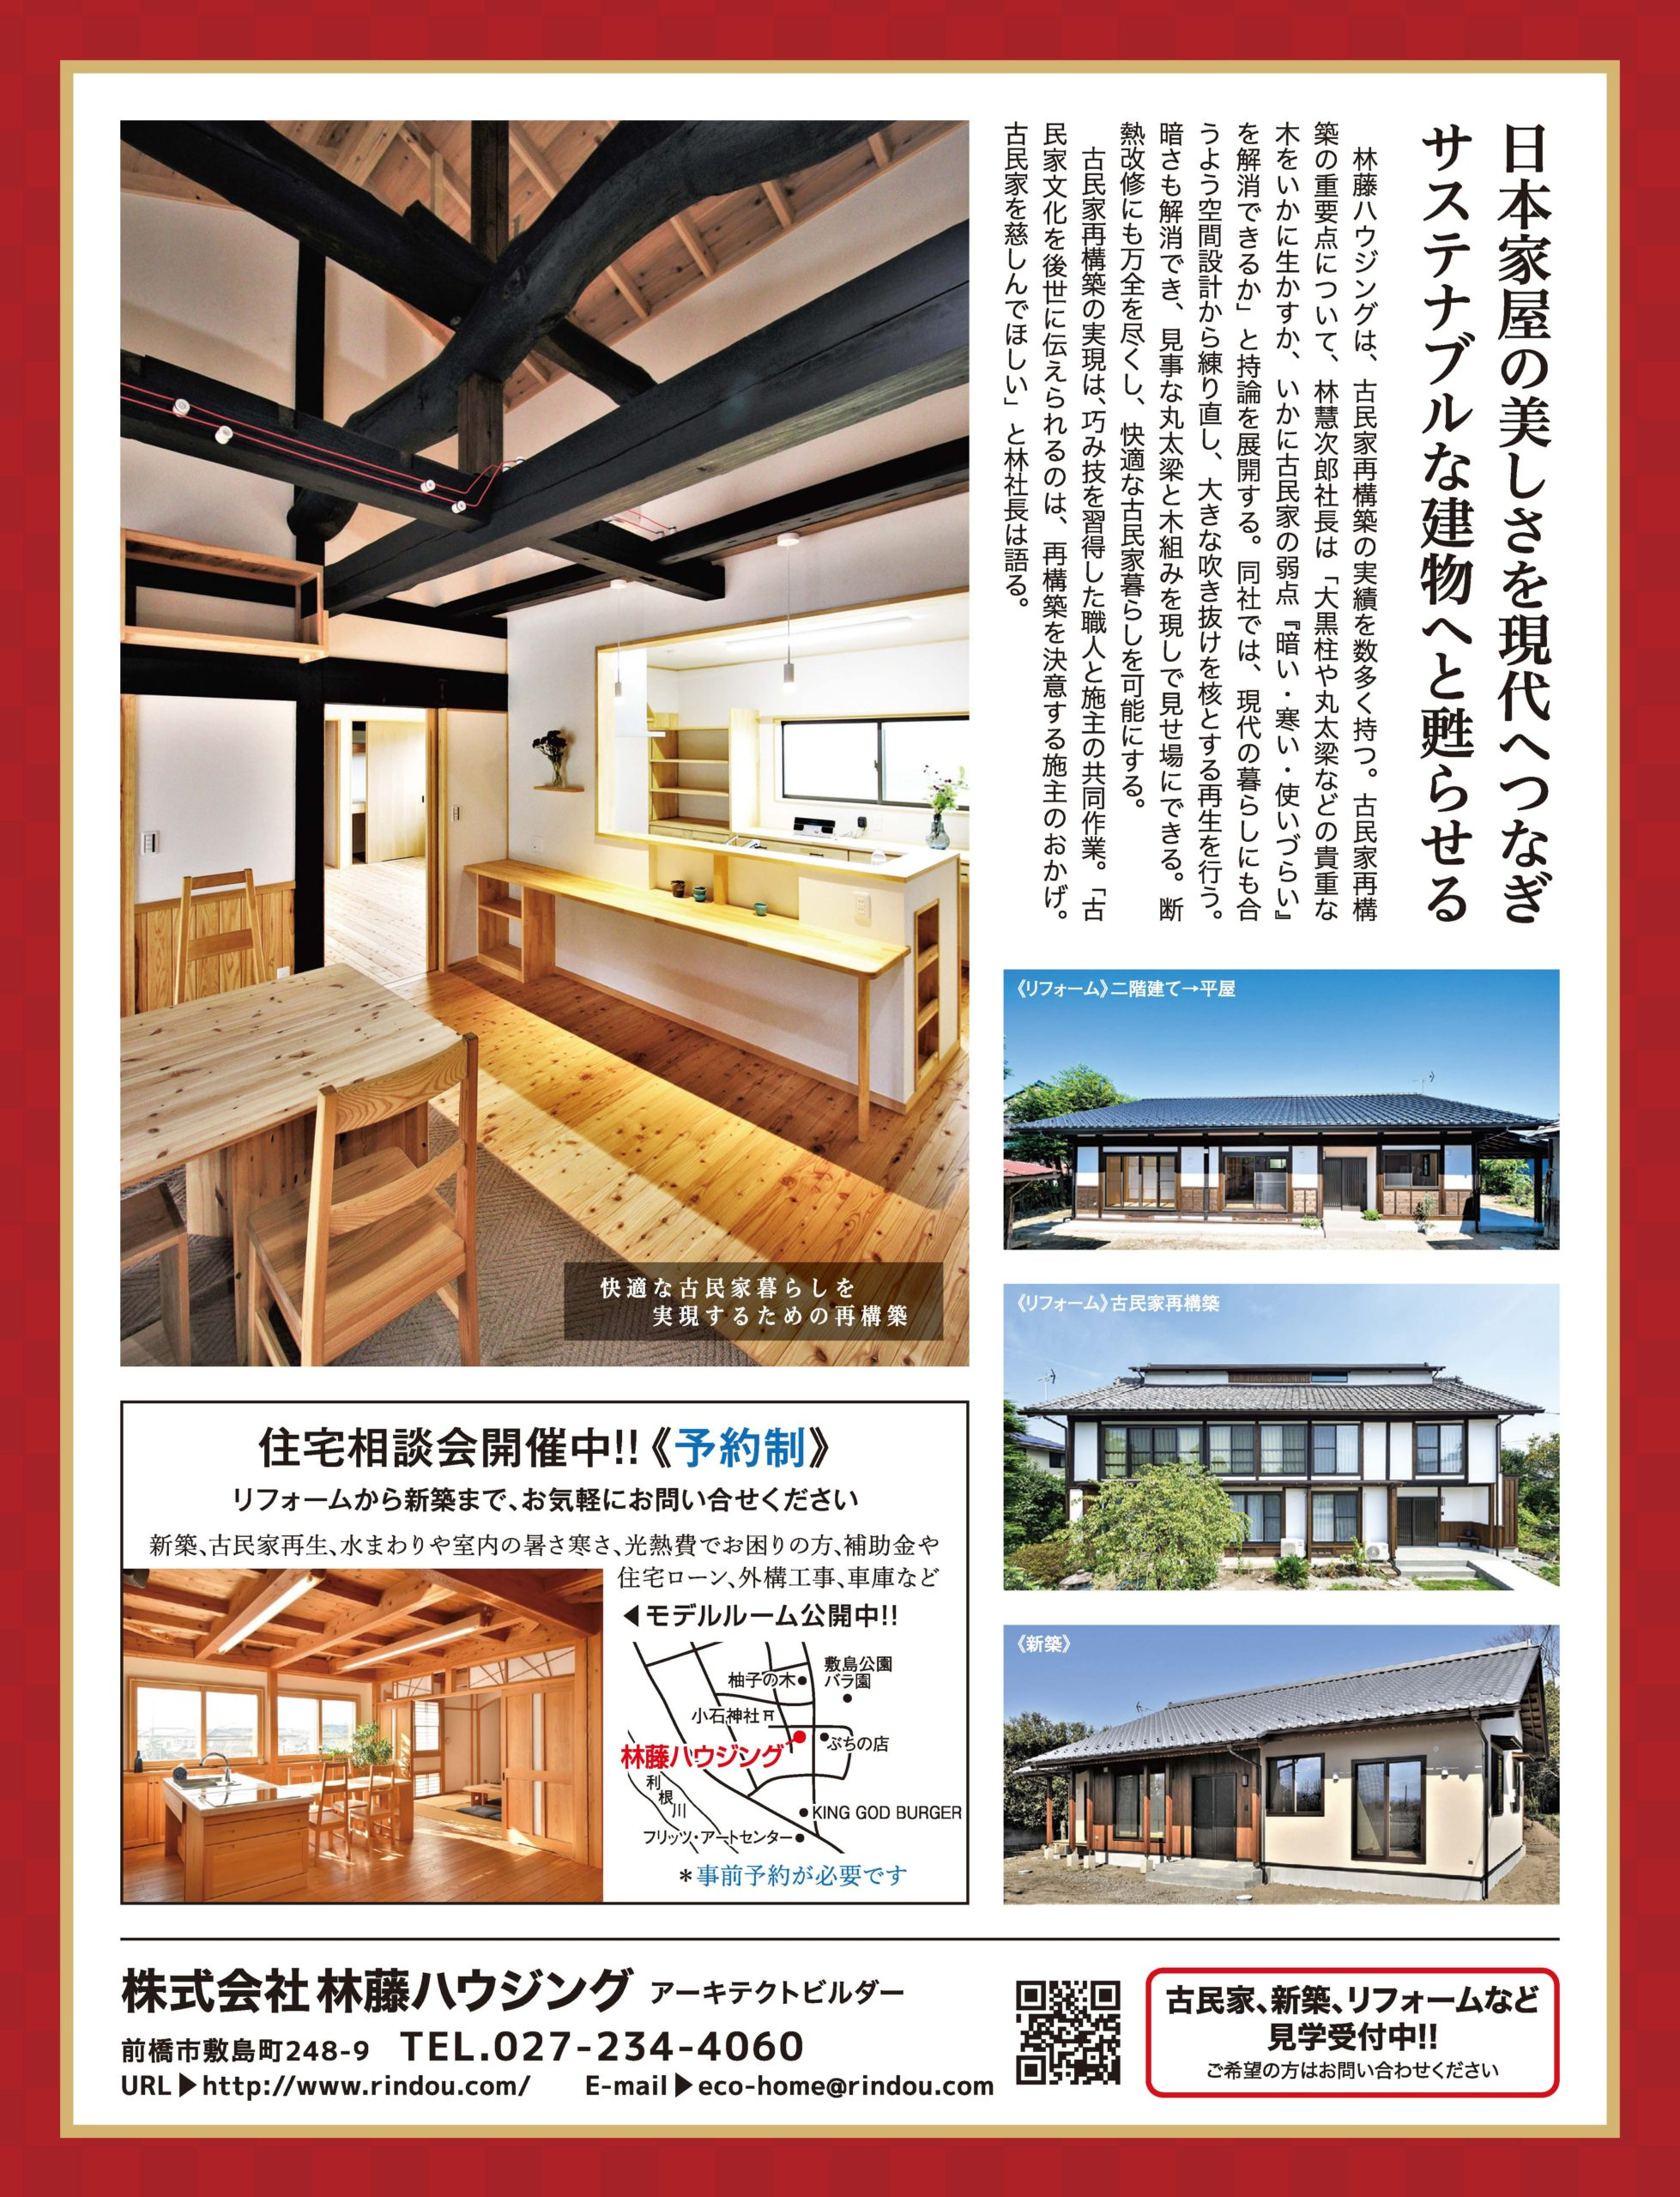 日本家屋の美しさを現代へつなぎさすてなぶるサステナブルな建物へと蘇らせる